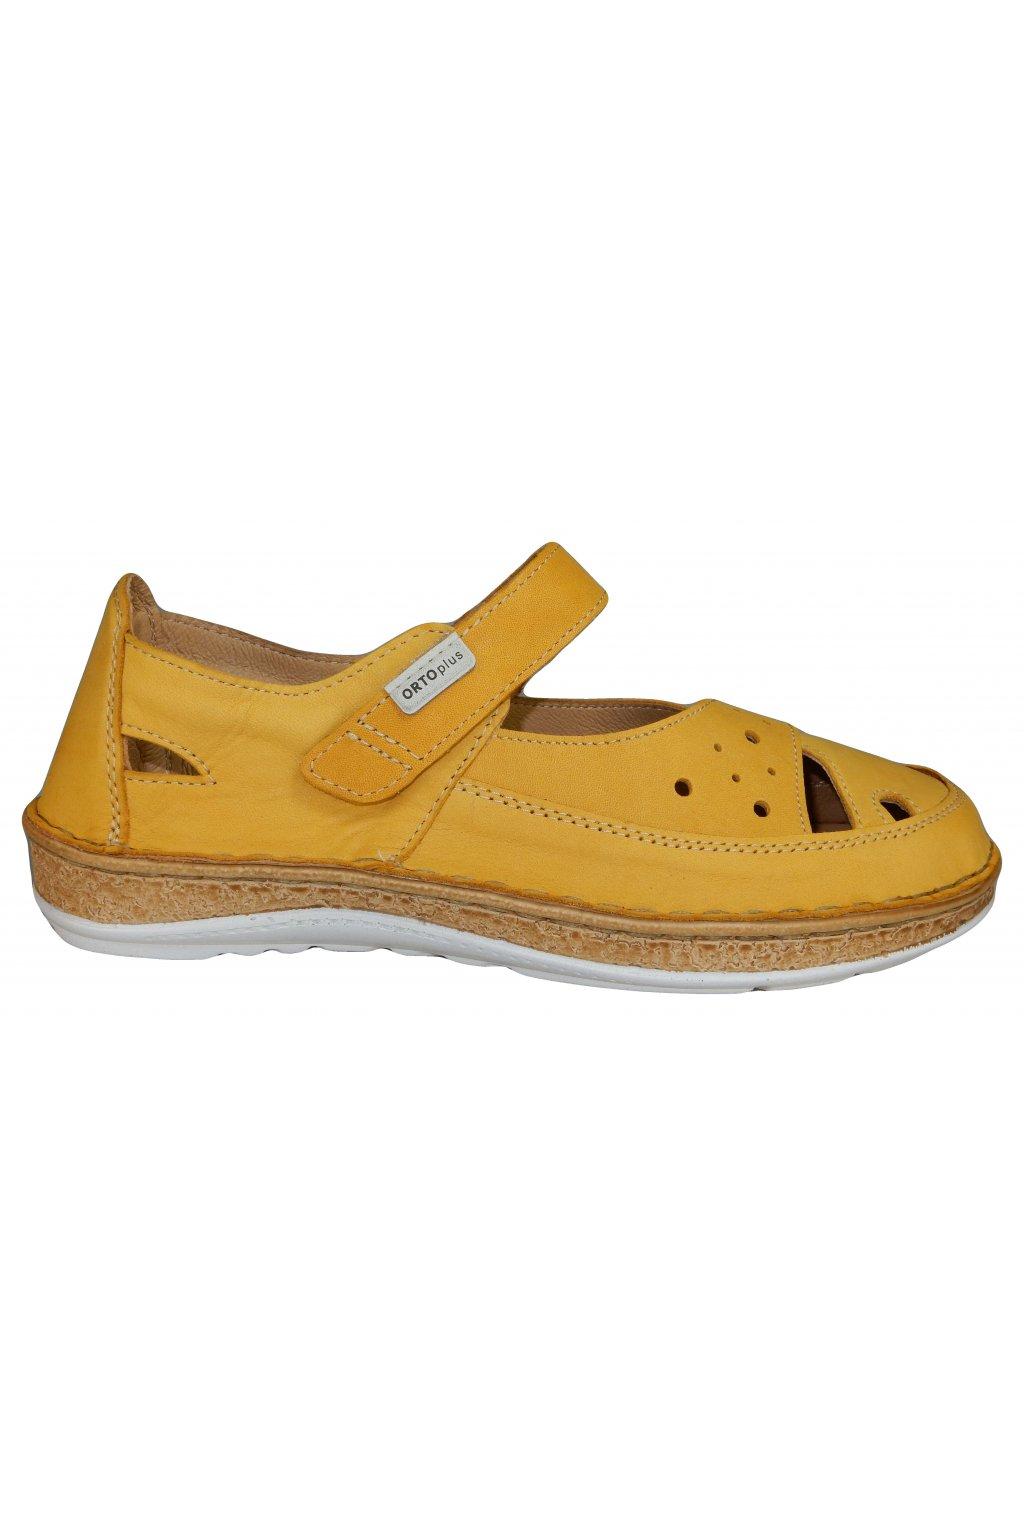 Dámská vycházková zdravotní obuv ORTO PLUS 4004